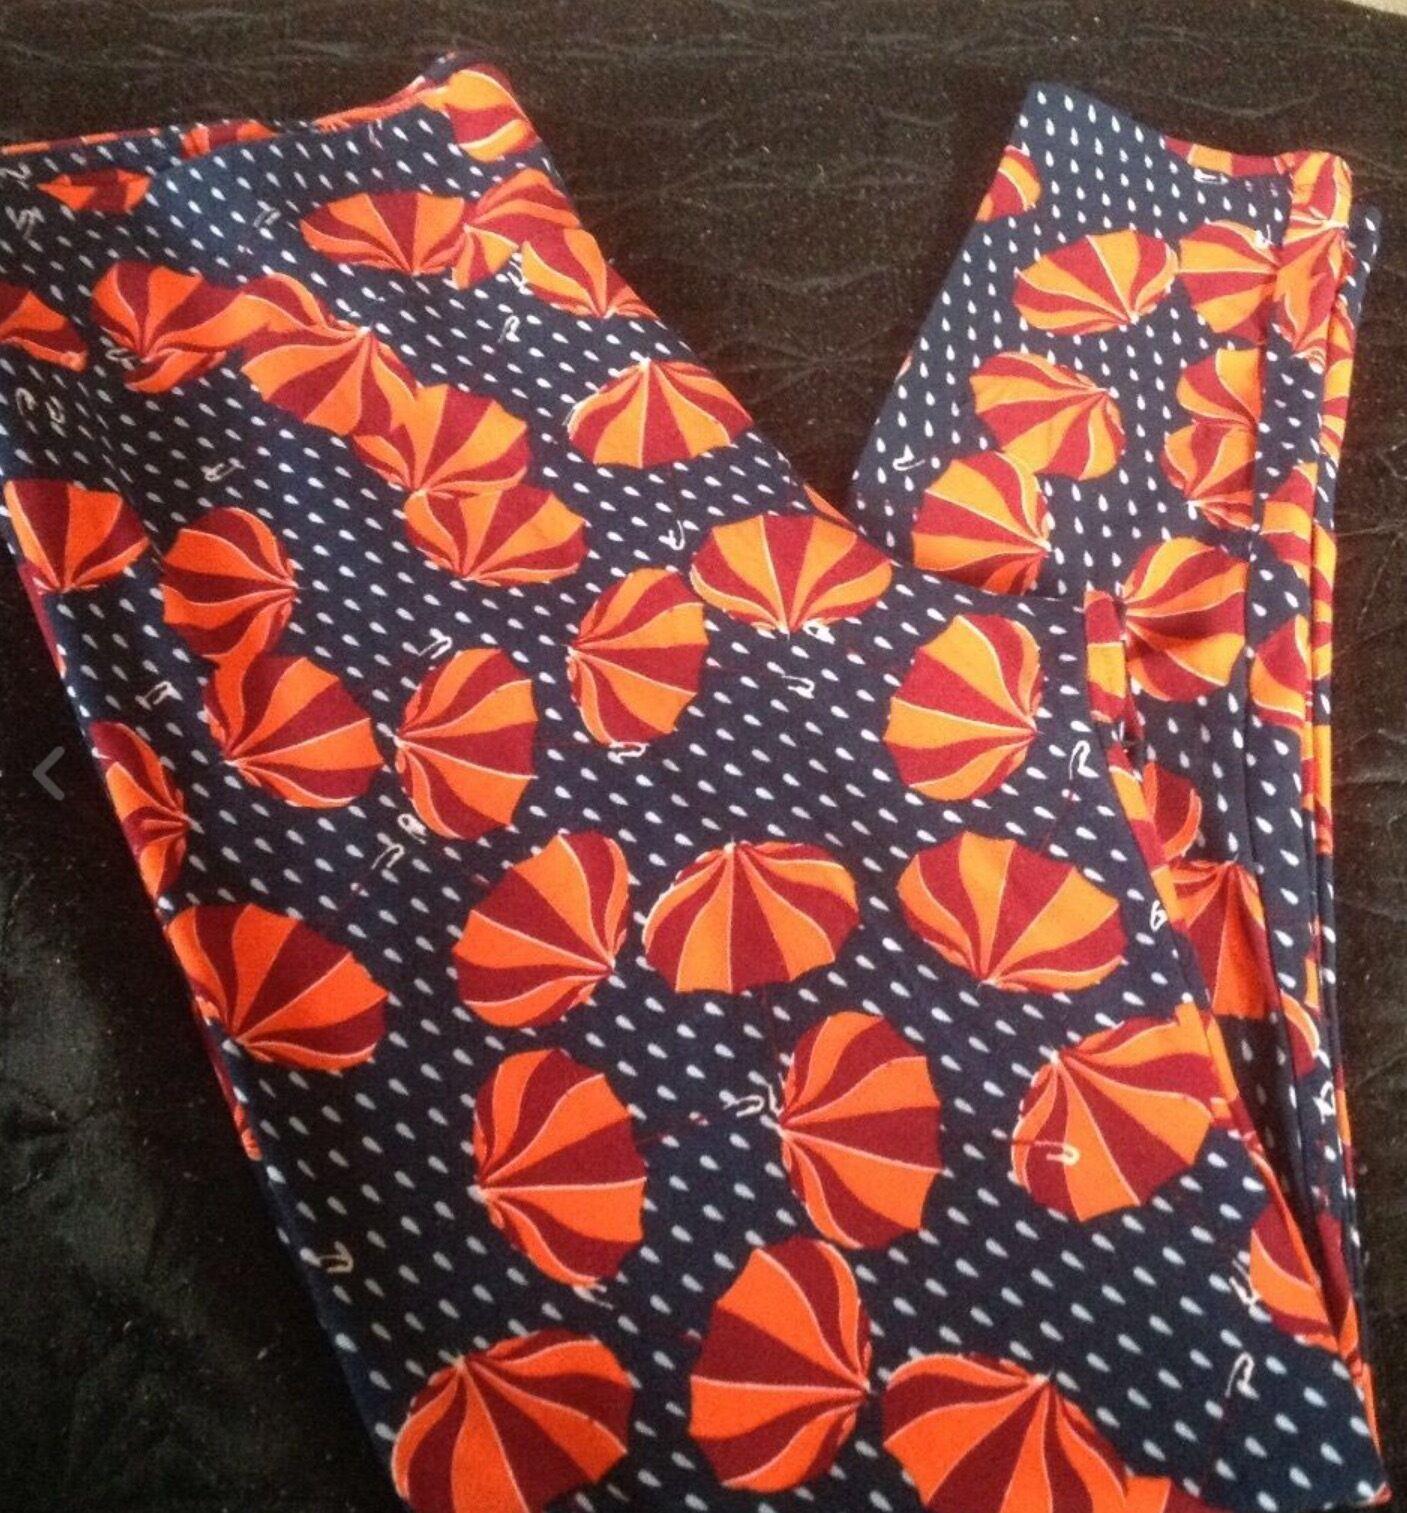 New LuLaRoe TC orange & Red Umbrella Umbrellas Raindrops Rain Navy Leggings